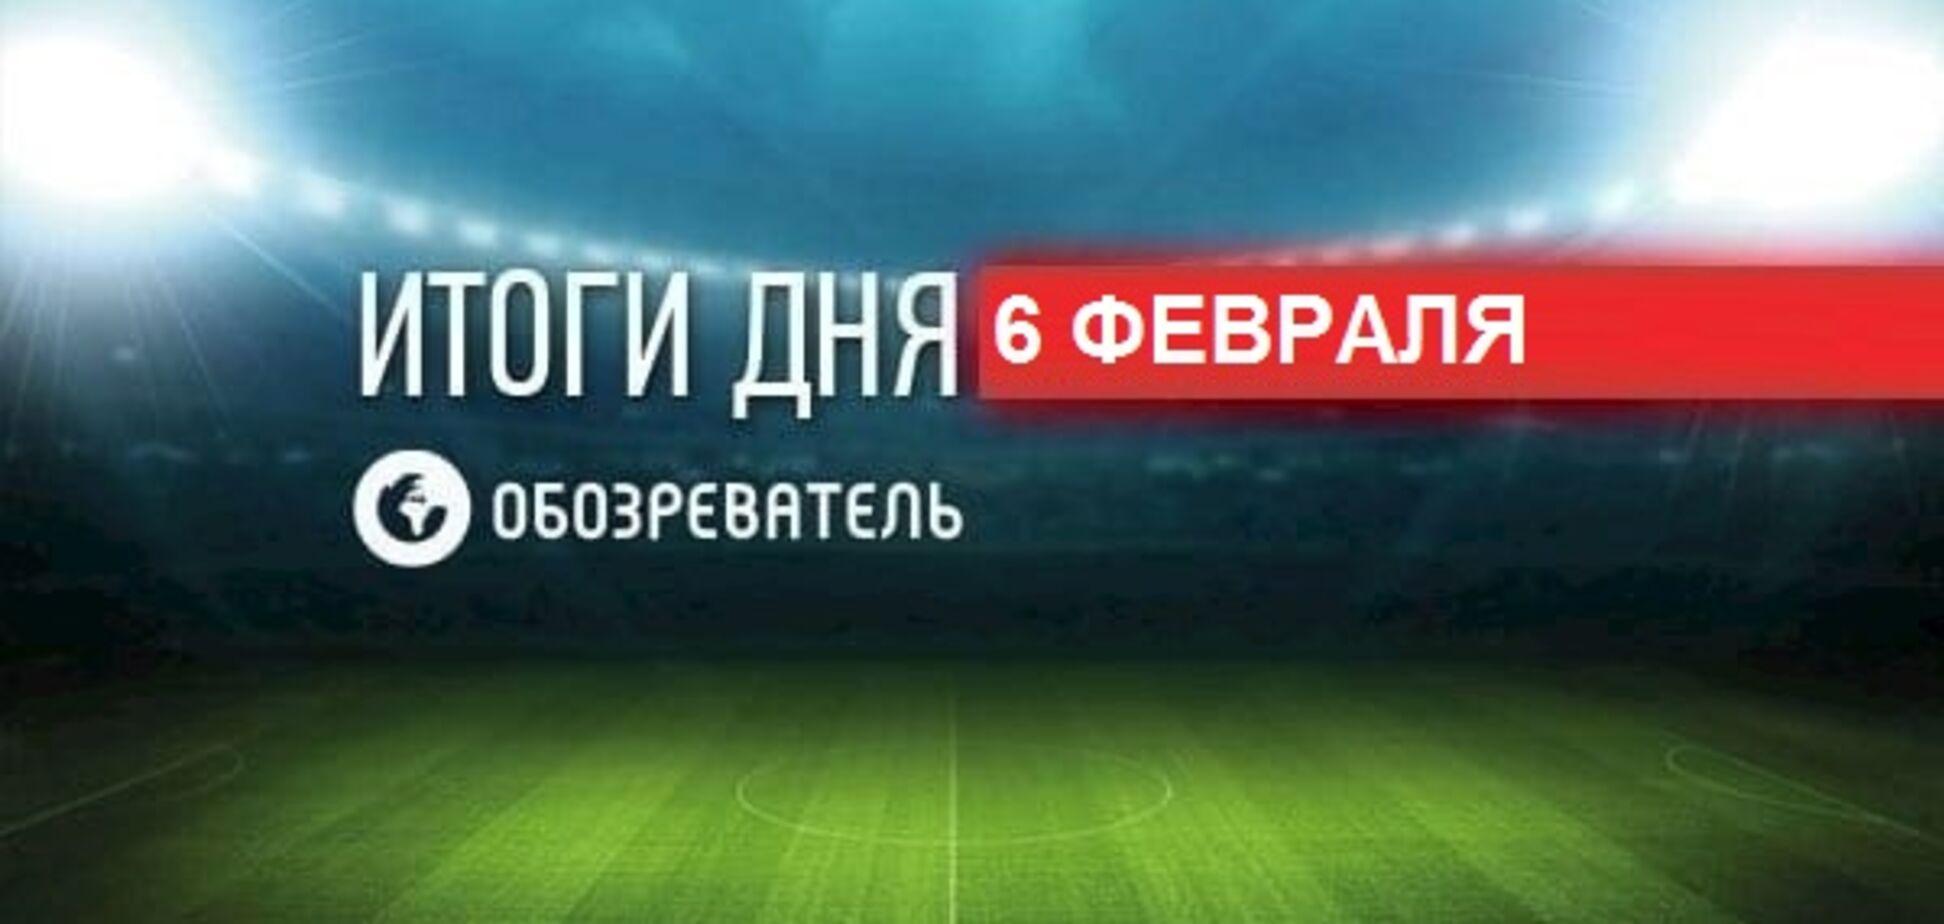 Усик зробив політичну заяву про бій з росіянином: спортивні підсумки 6 лютого